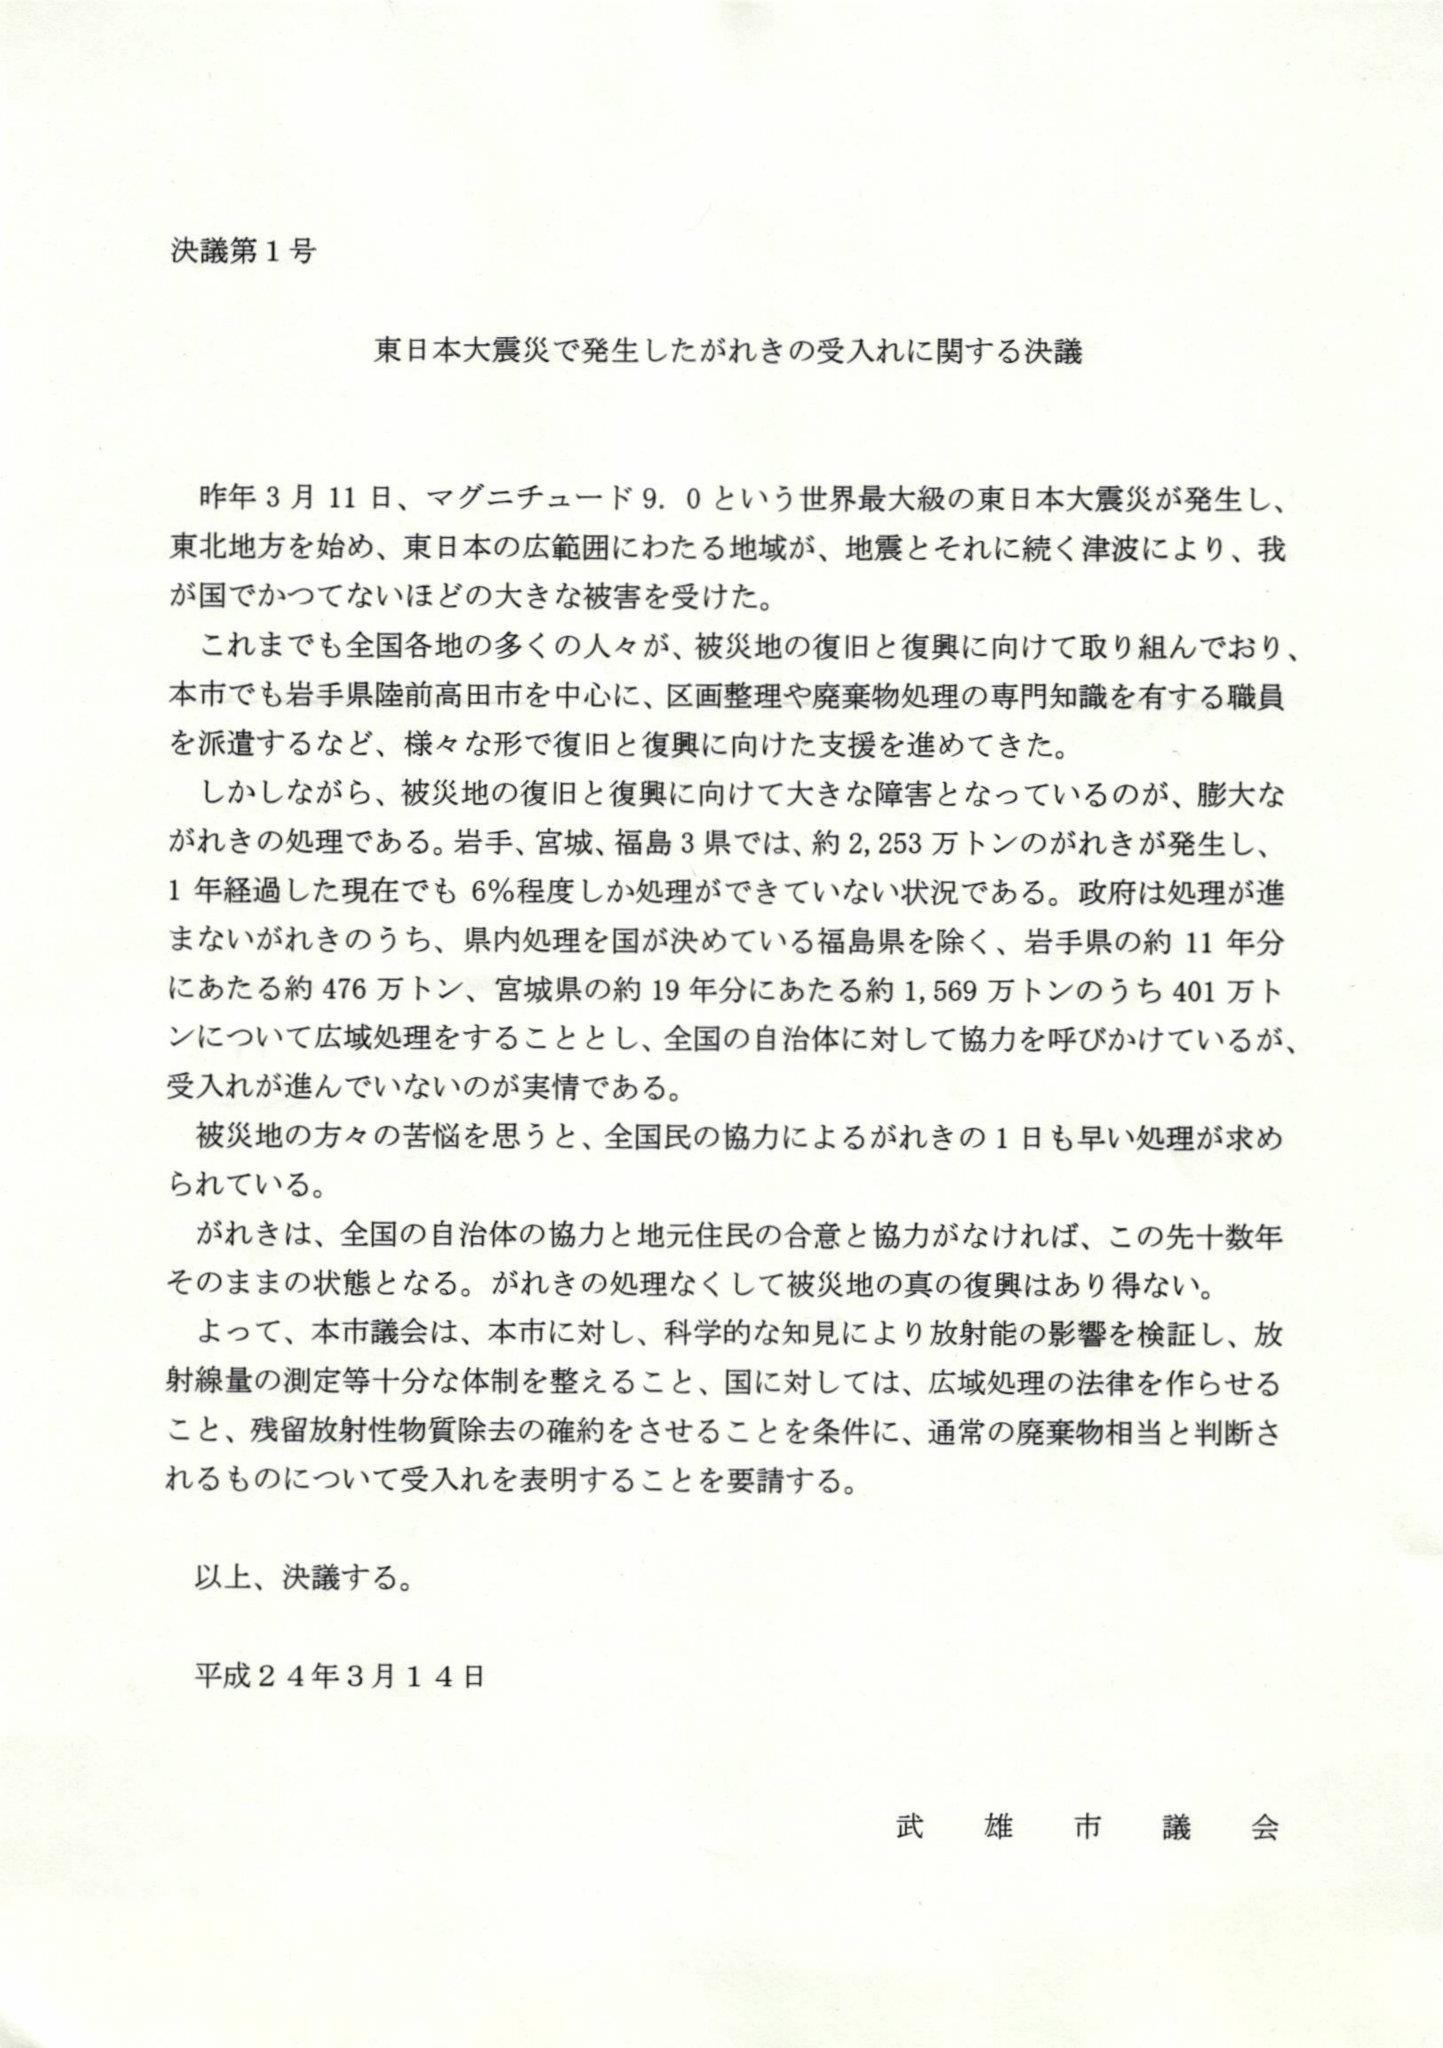 武雄市議会が震災瓦礫受入の決議_d0047811_18402164.jpg